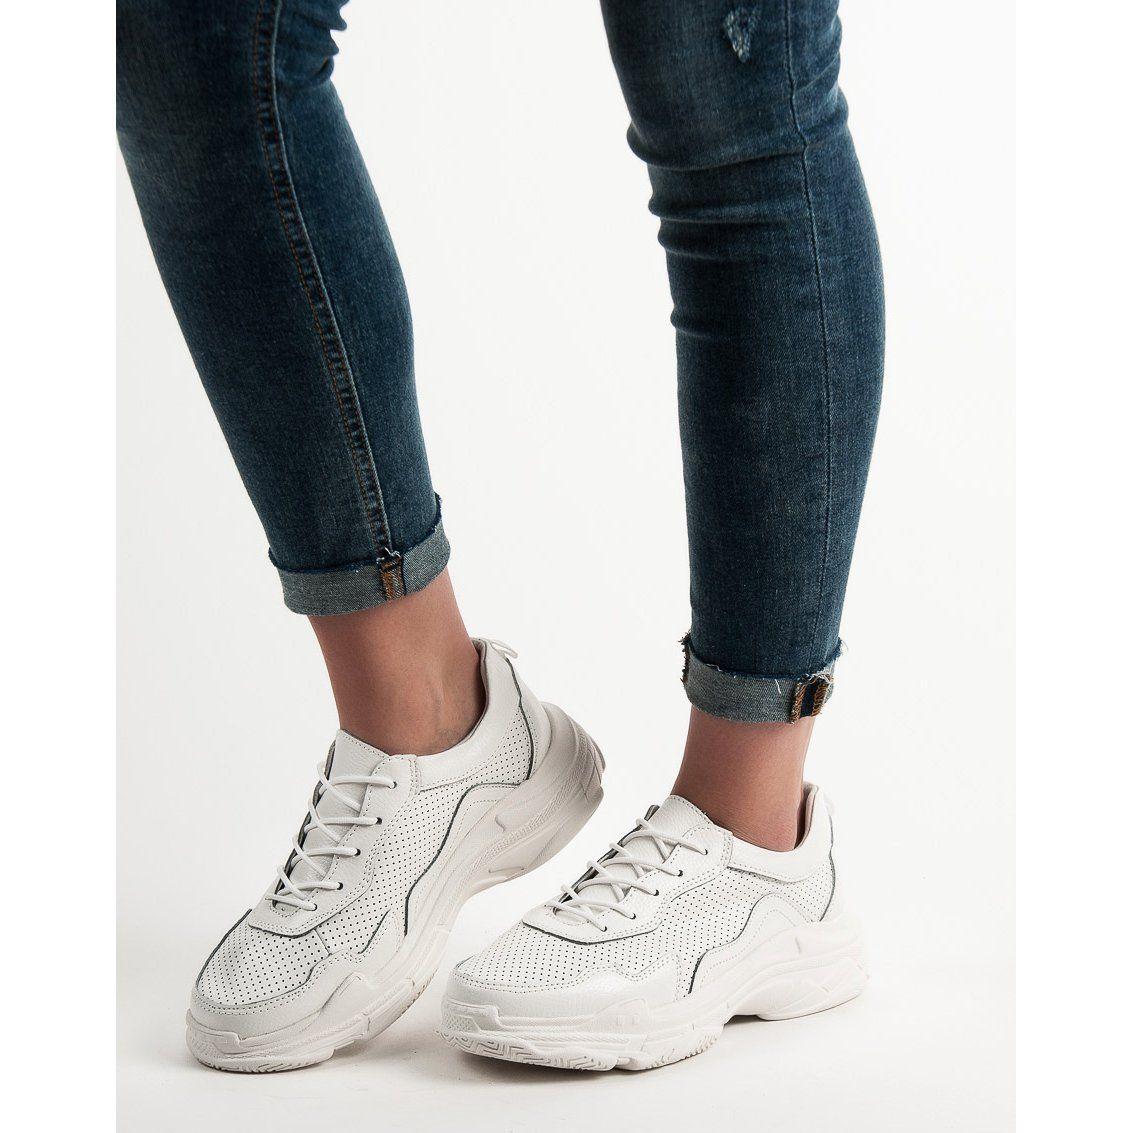 Goodin Biale Skorzane Sneakersy Shoes White Sneaker Sneakers